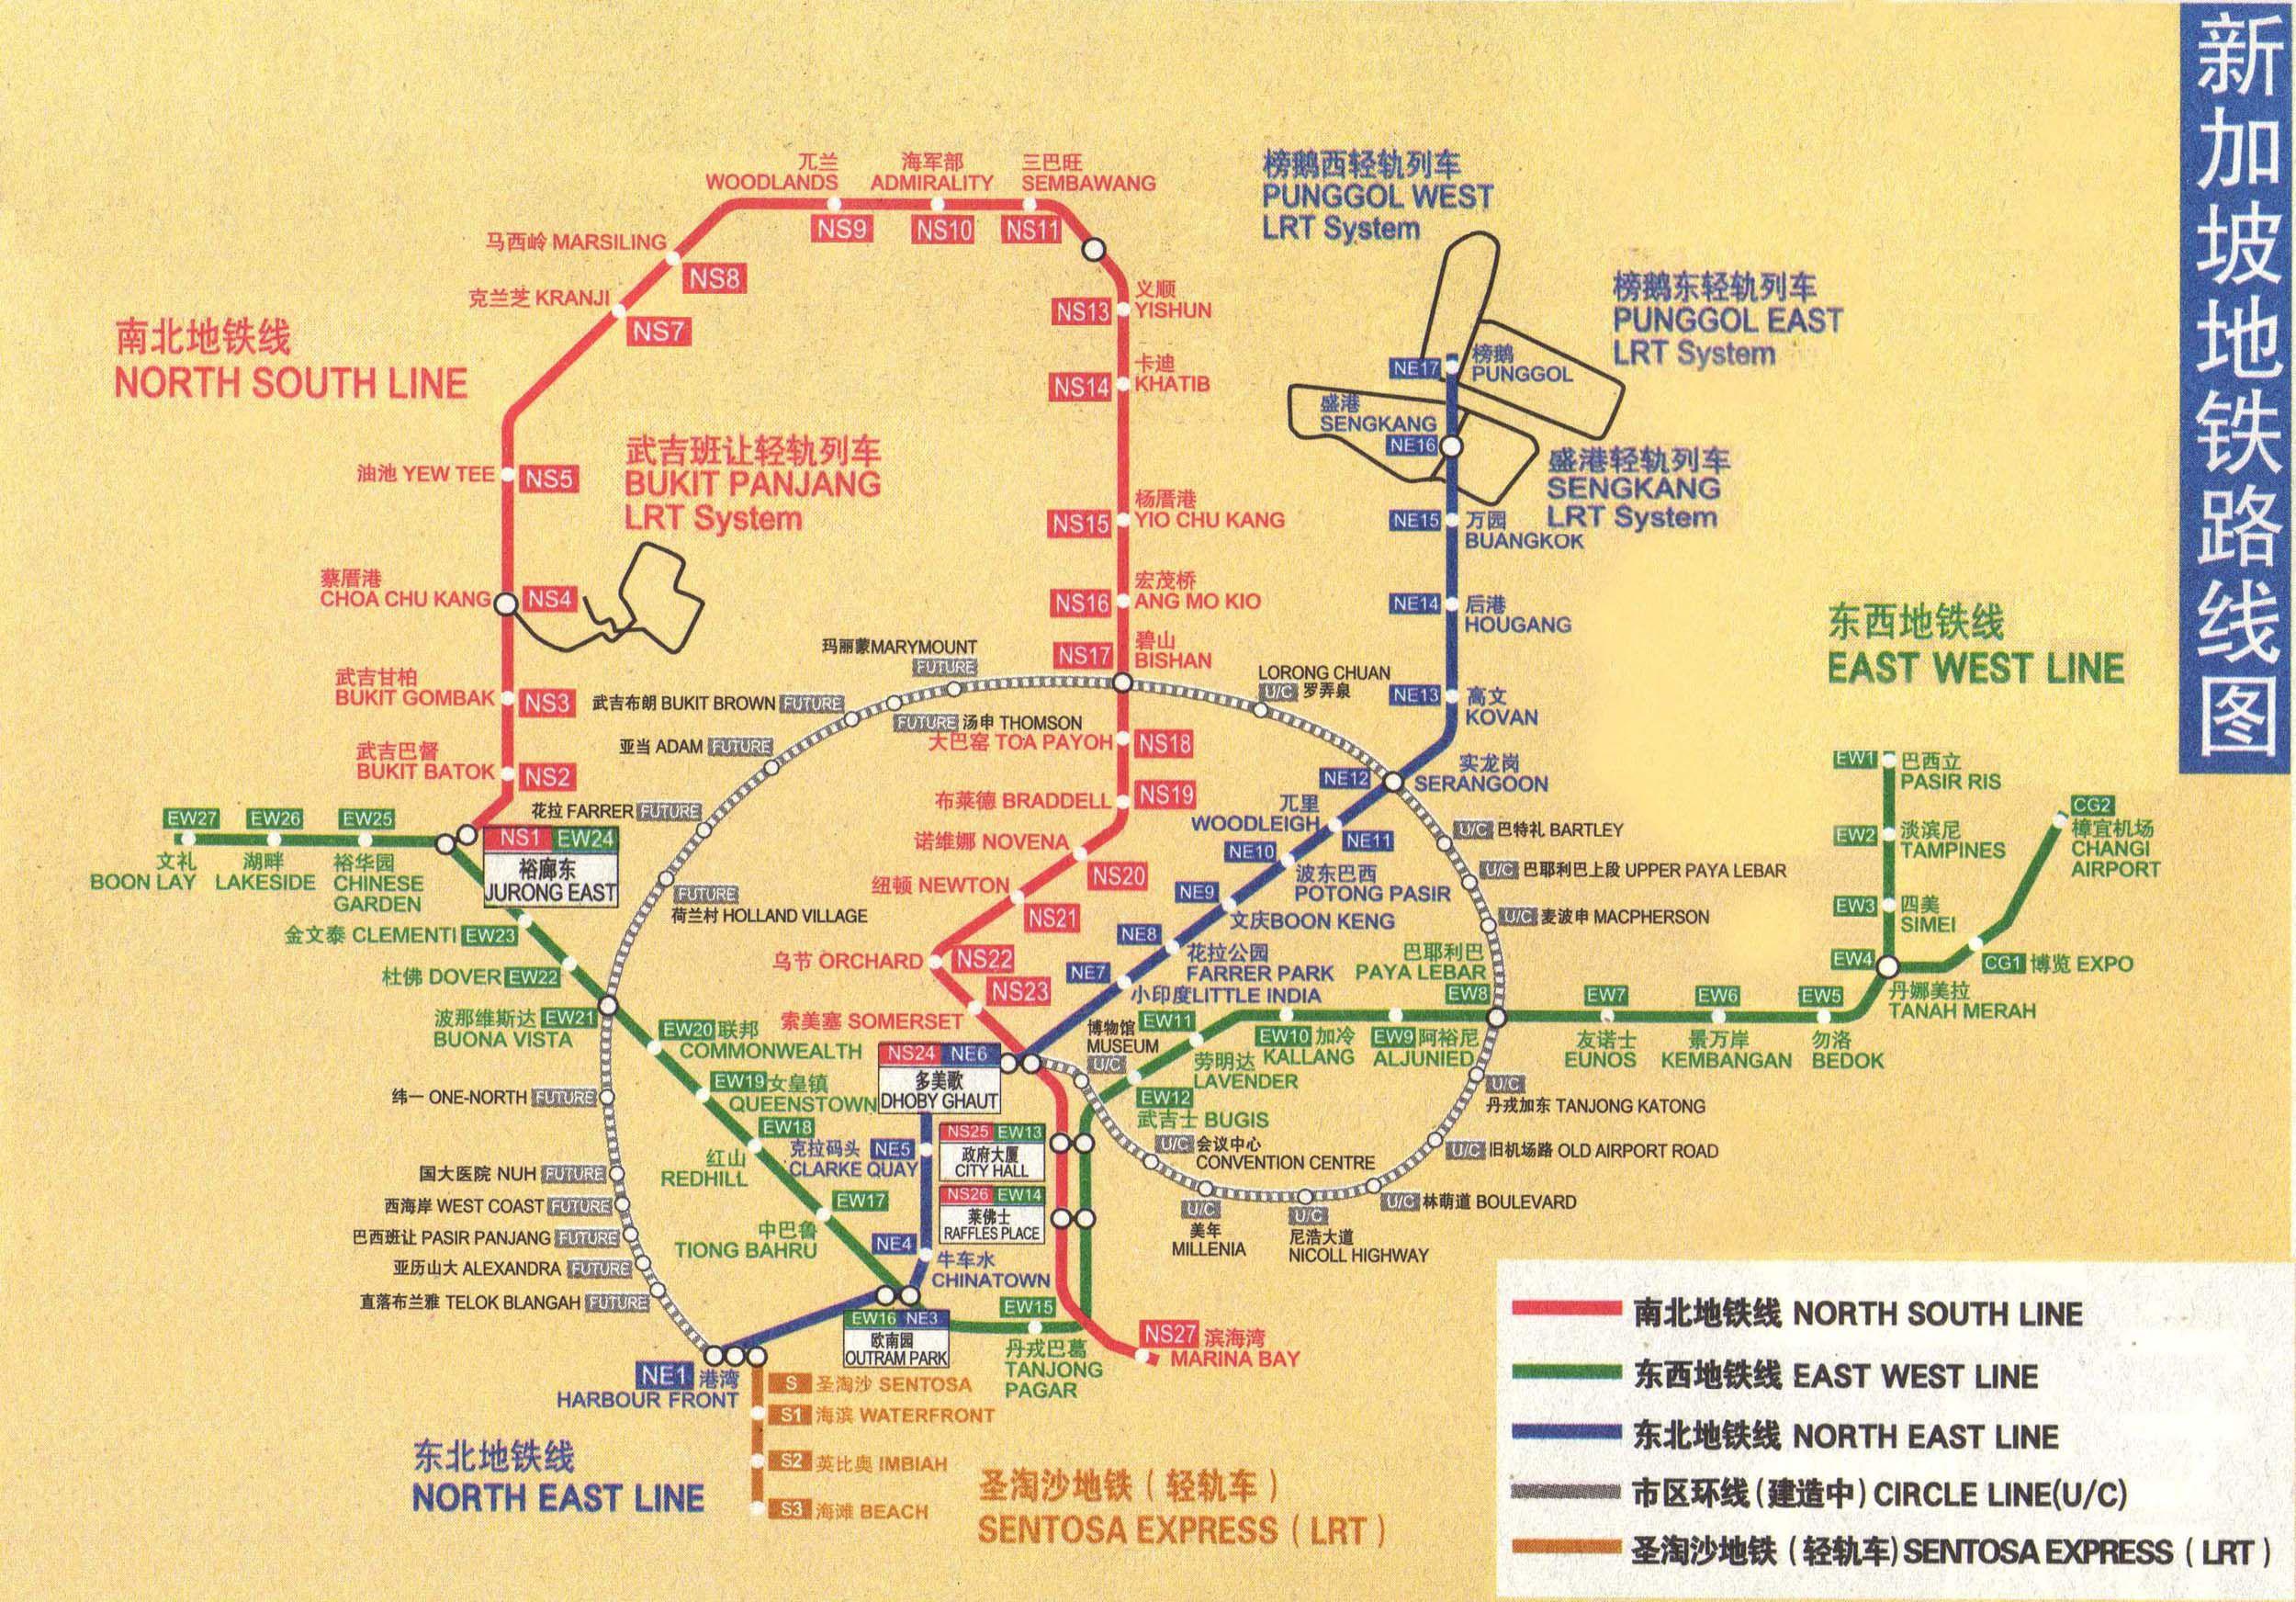 新加坡地铁交通图